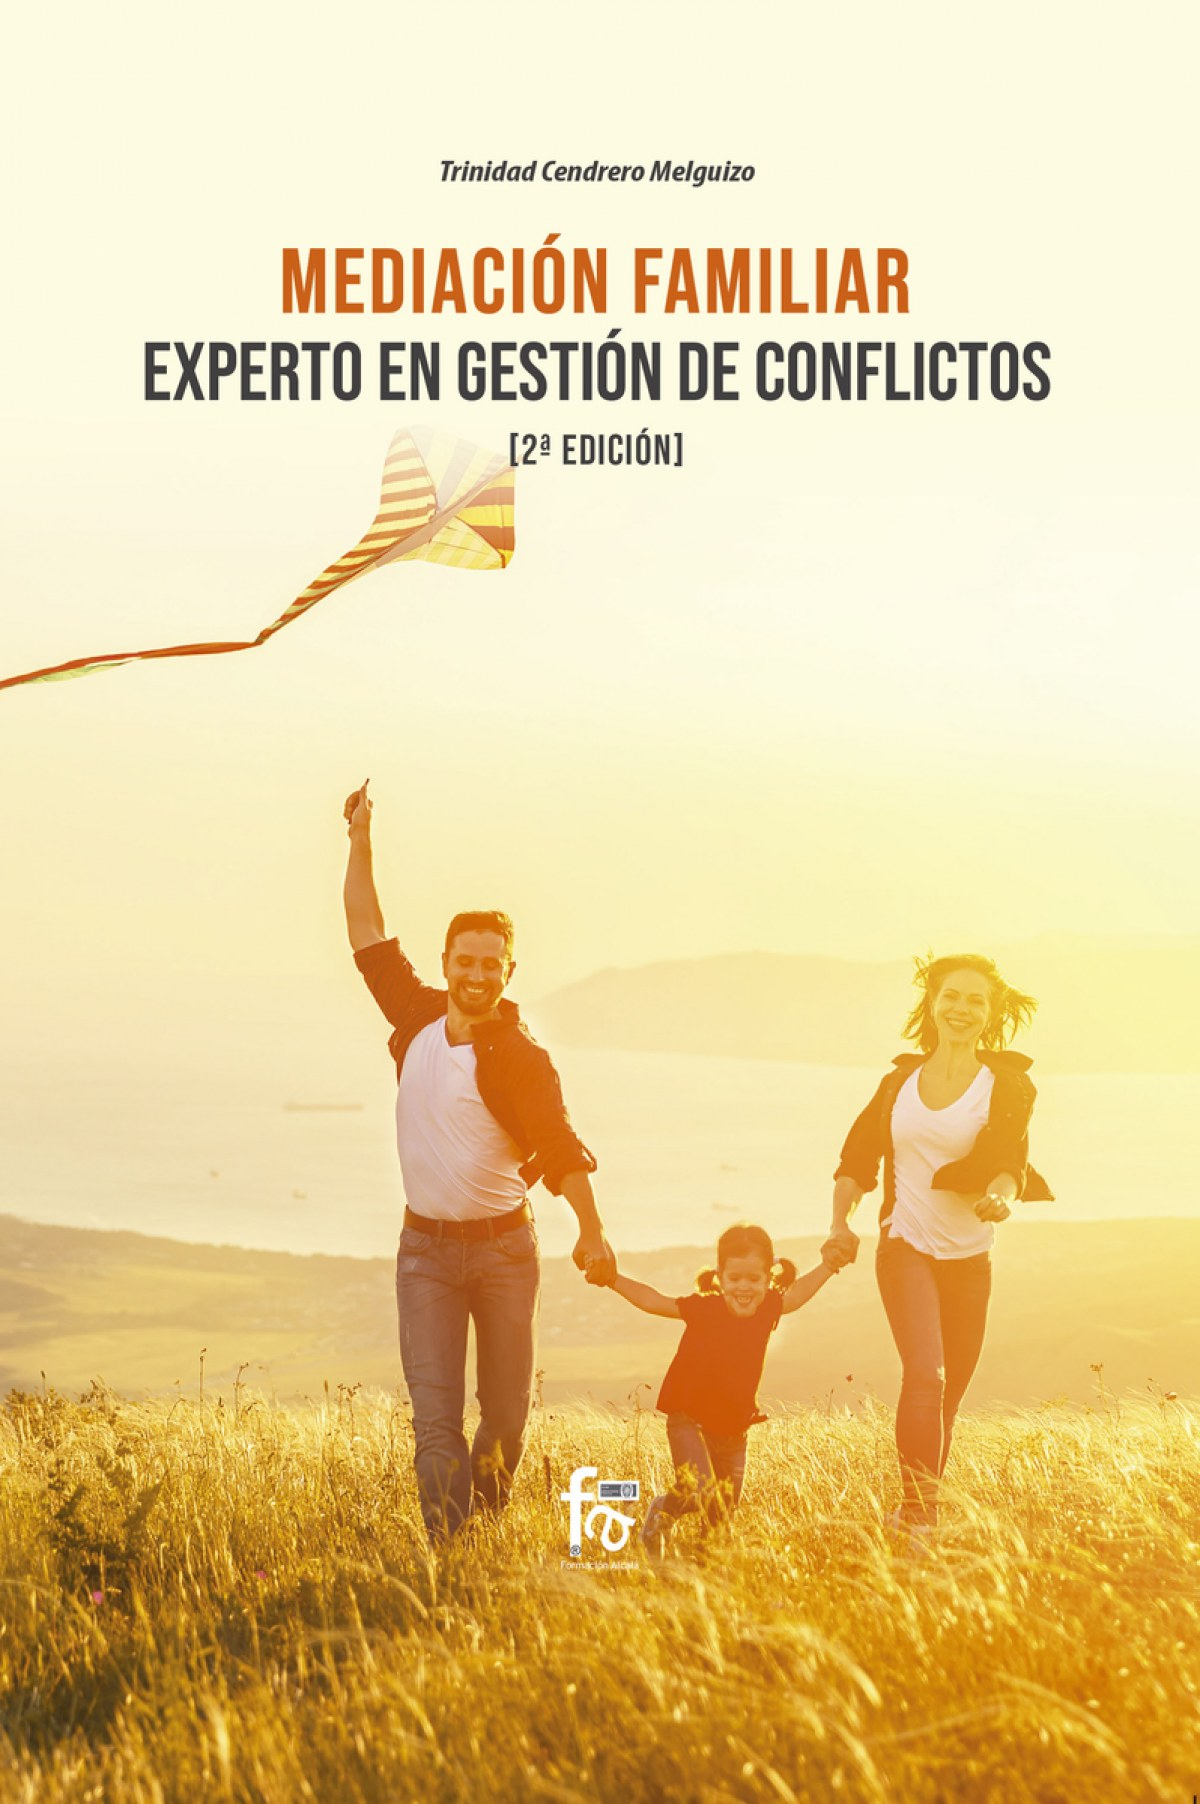 MEDIACION FAMILIAR. EXPERTO EN GESTION DE CONFLICTOS-2 EDICI